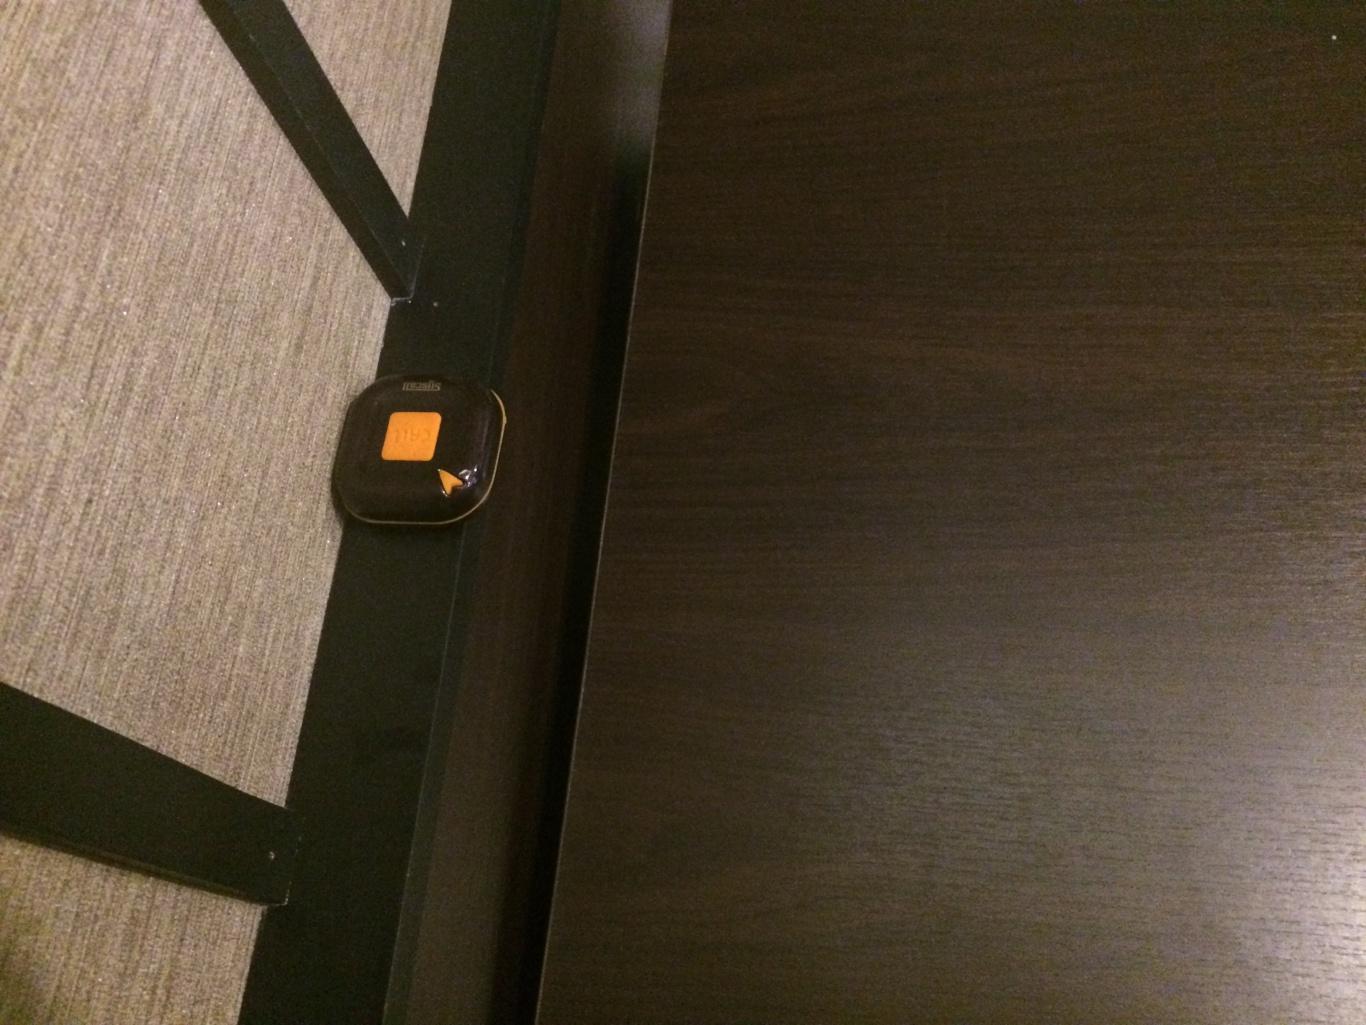 nút chuông gọi phục vụ st-100 được lắp đặt tại từng bàn